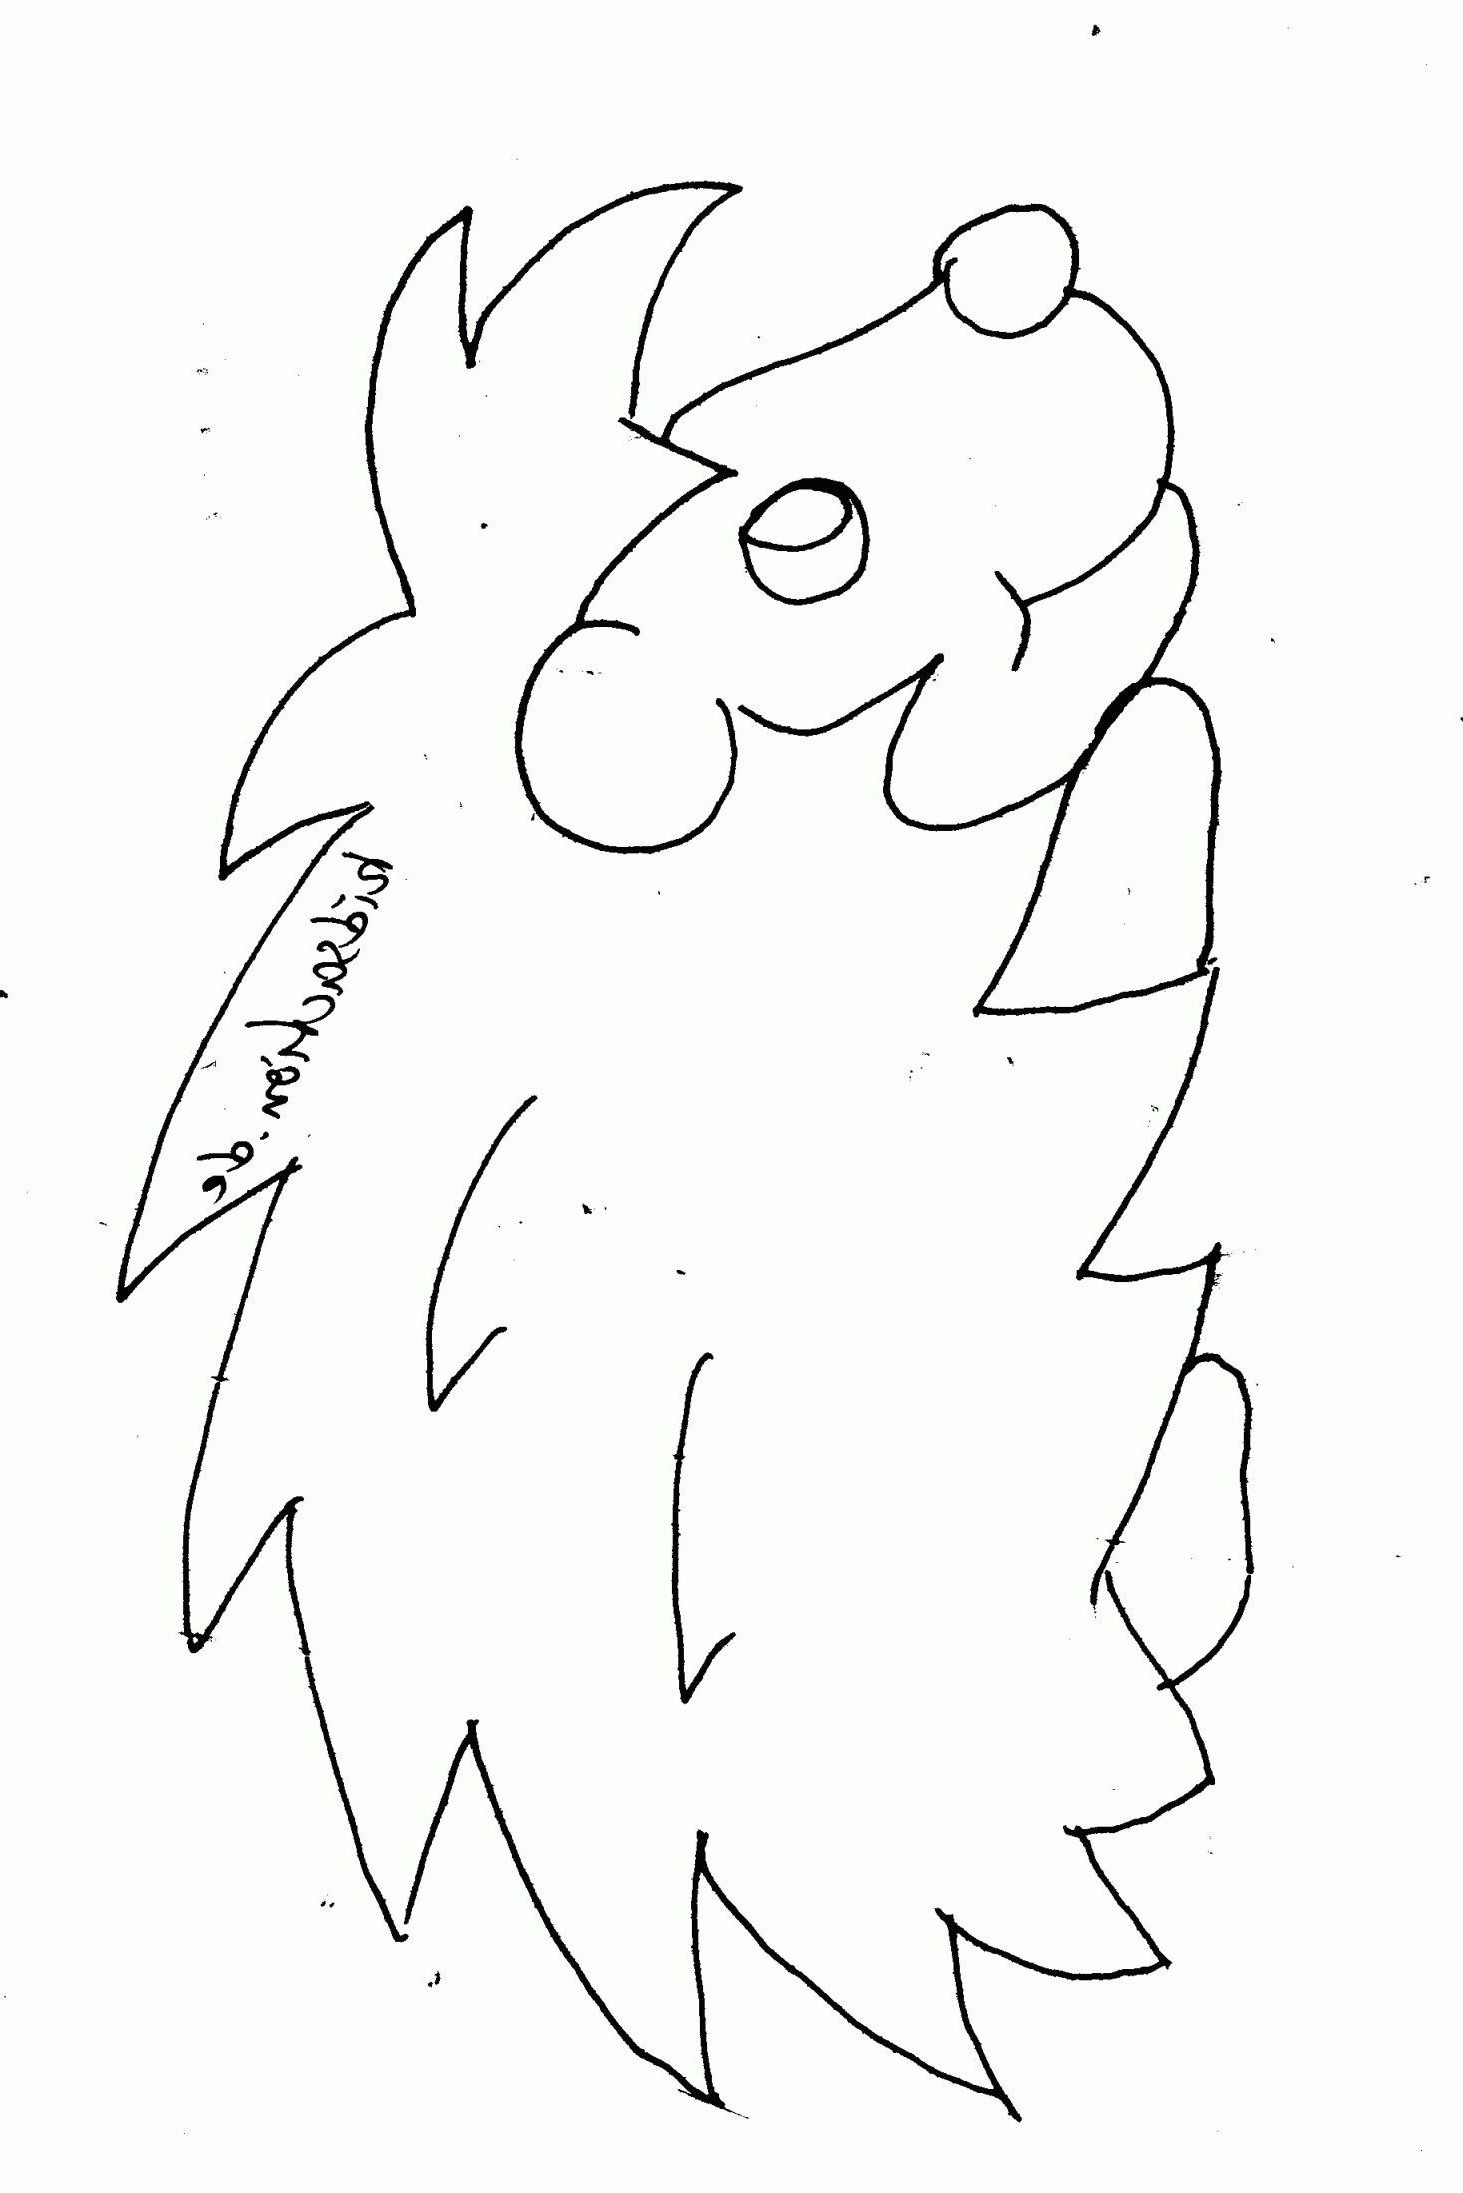 Ostereier Ausmalbilder Zum Ausdrucken Inspirierend 43 Frisch Ausmalbilder Osterei – Große Coloring Page Sammlung Stock